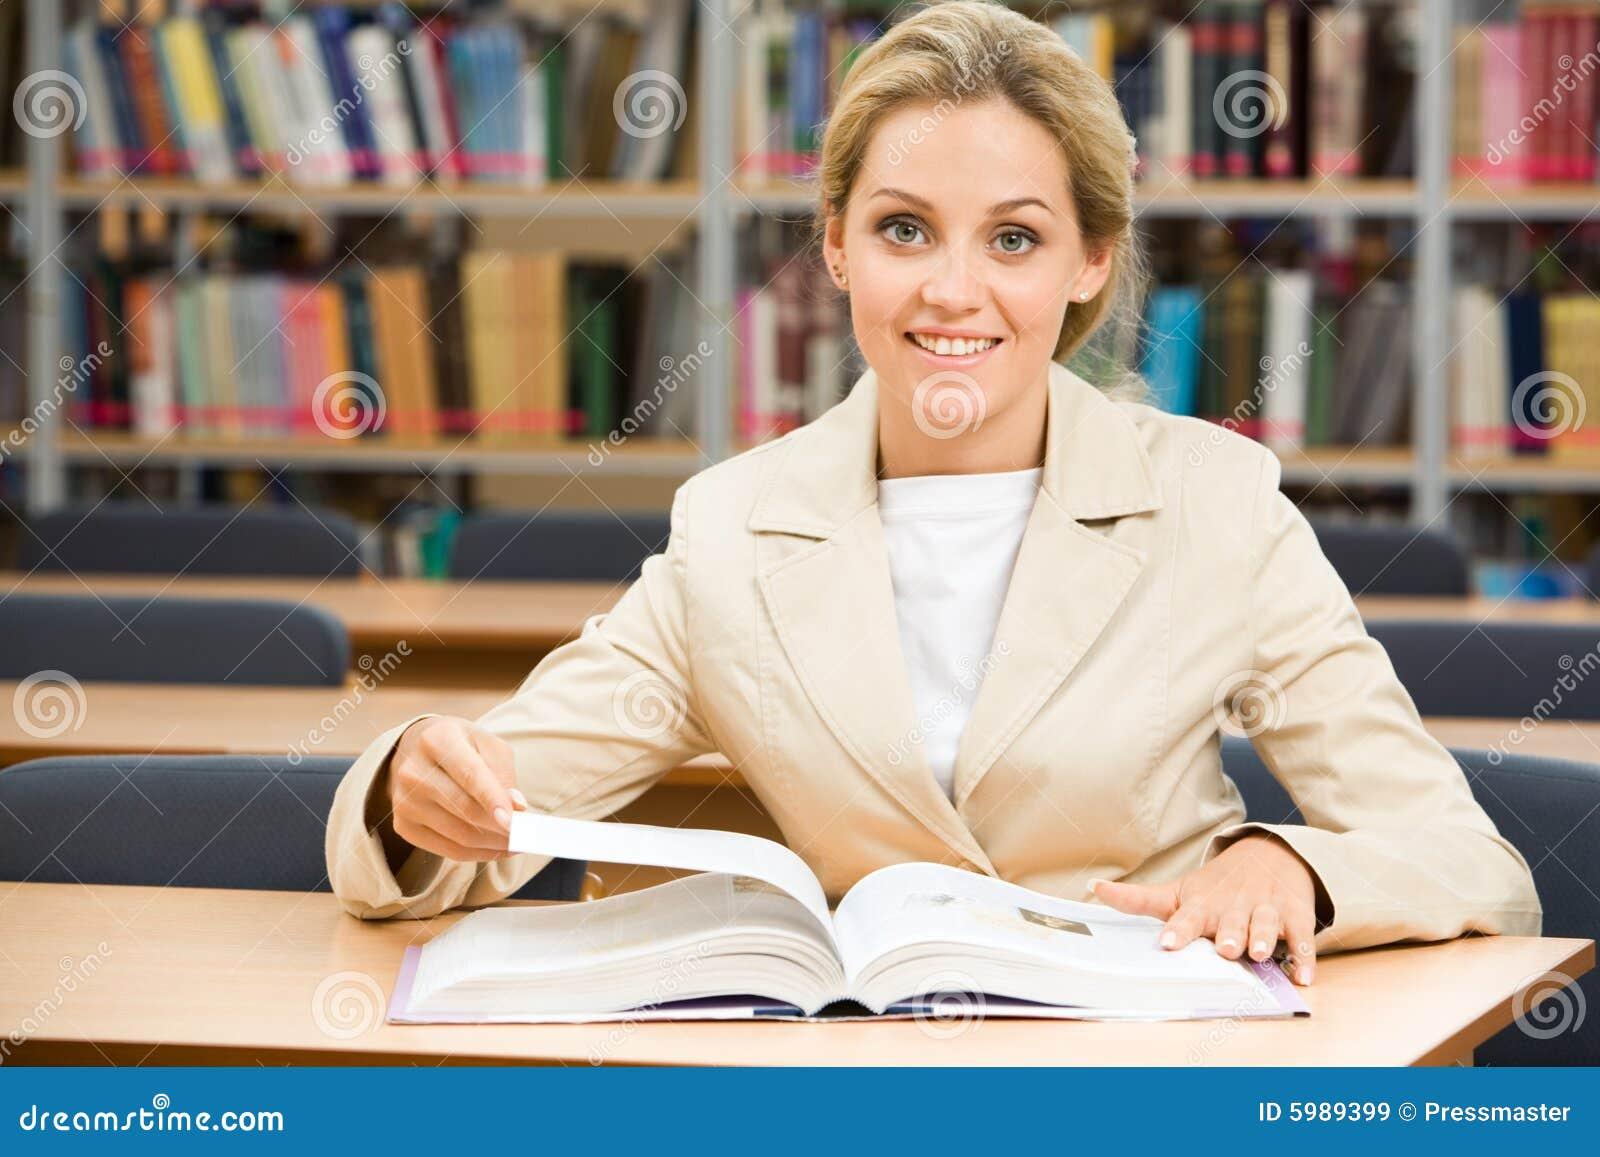 Étudiant diligent